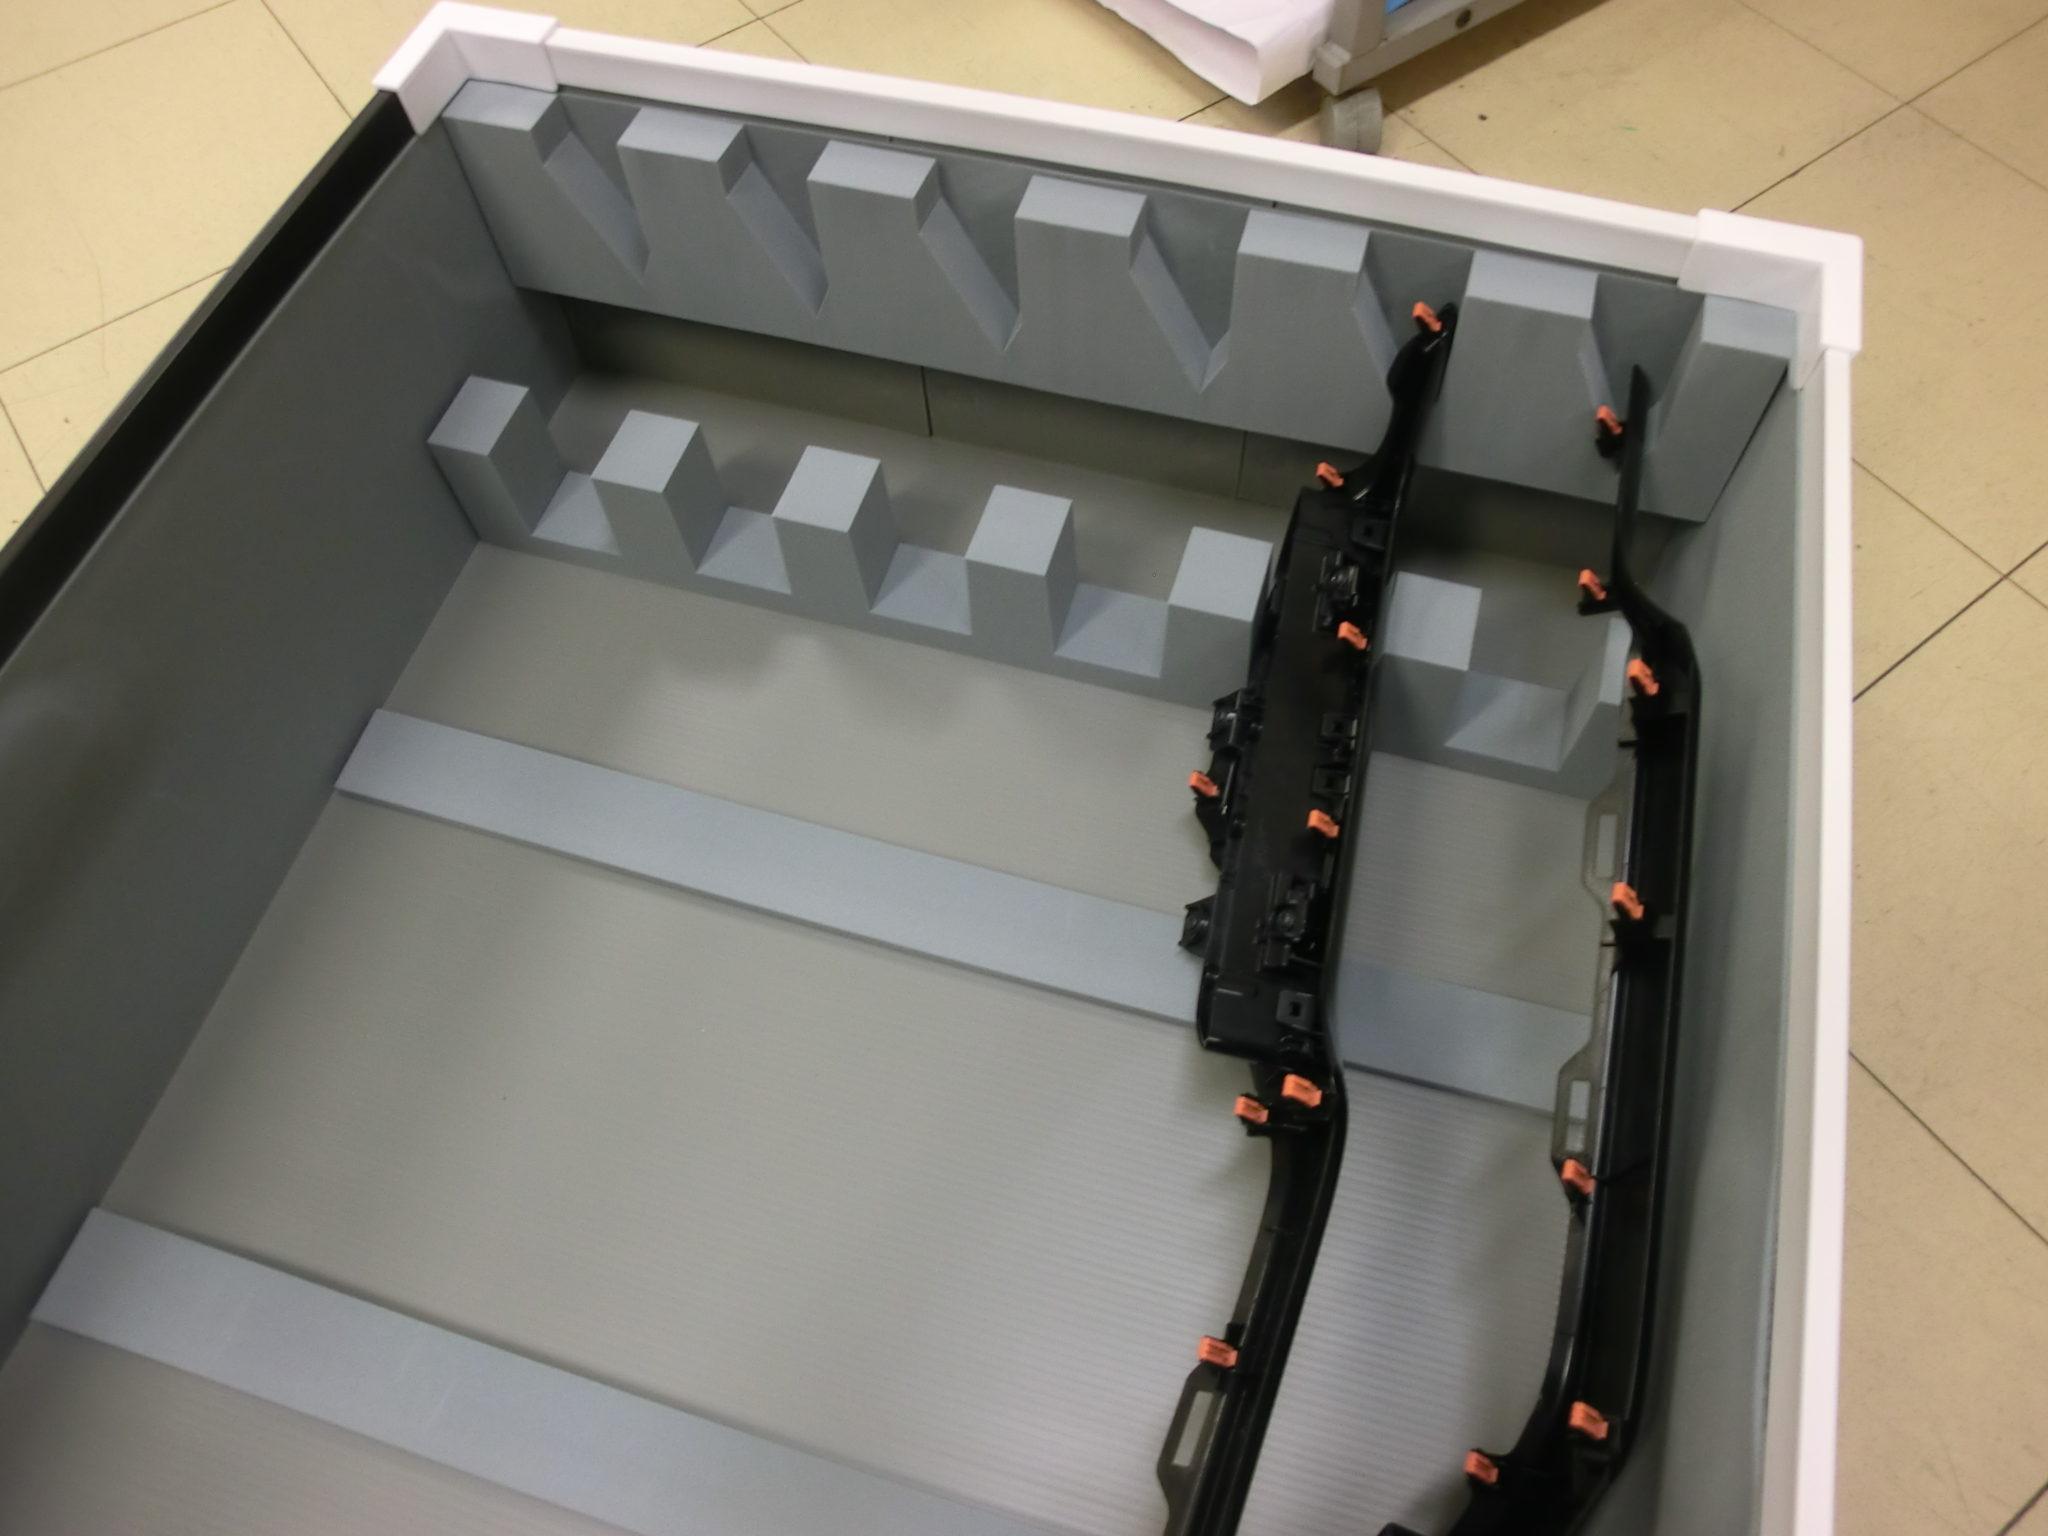 「工程間輸送もお任せ!自動車部品の通い箱 積載効率化提案事例」の画像